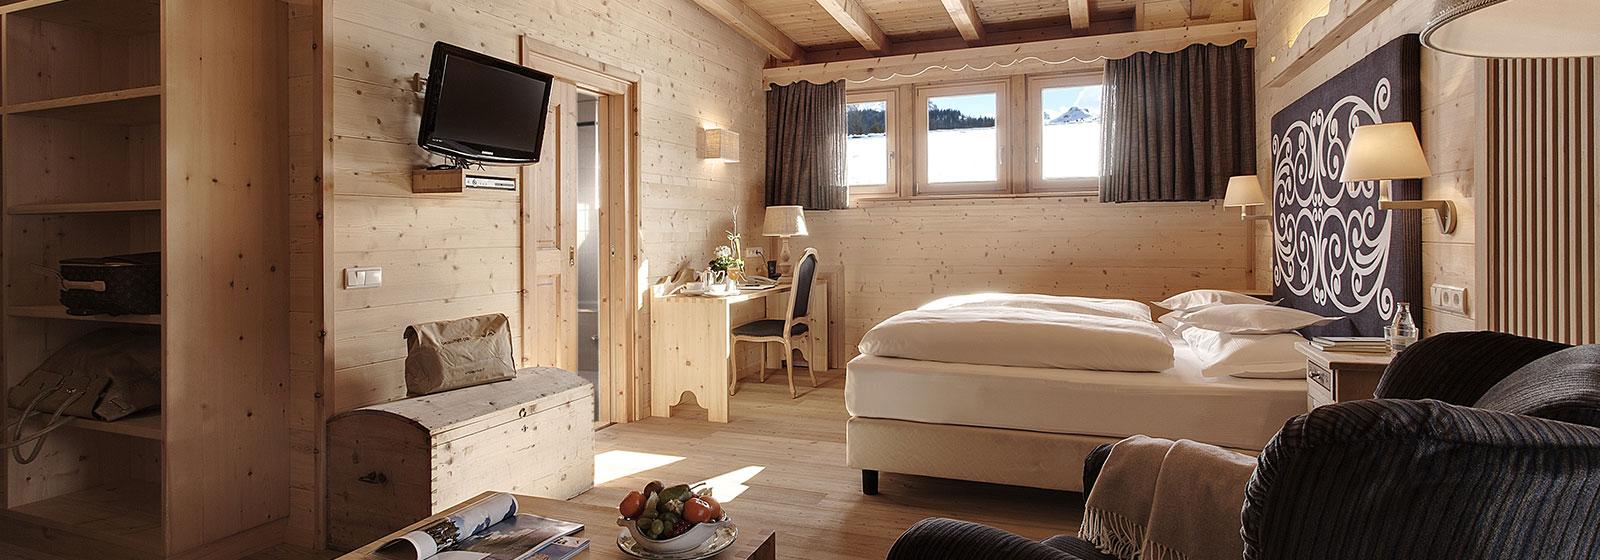 suite-lavarella-view